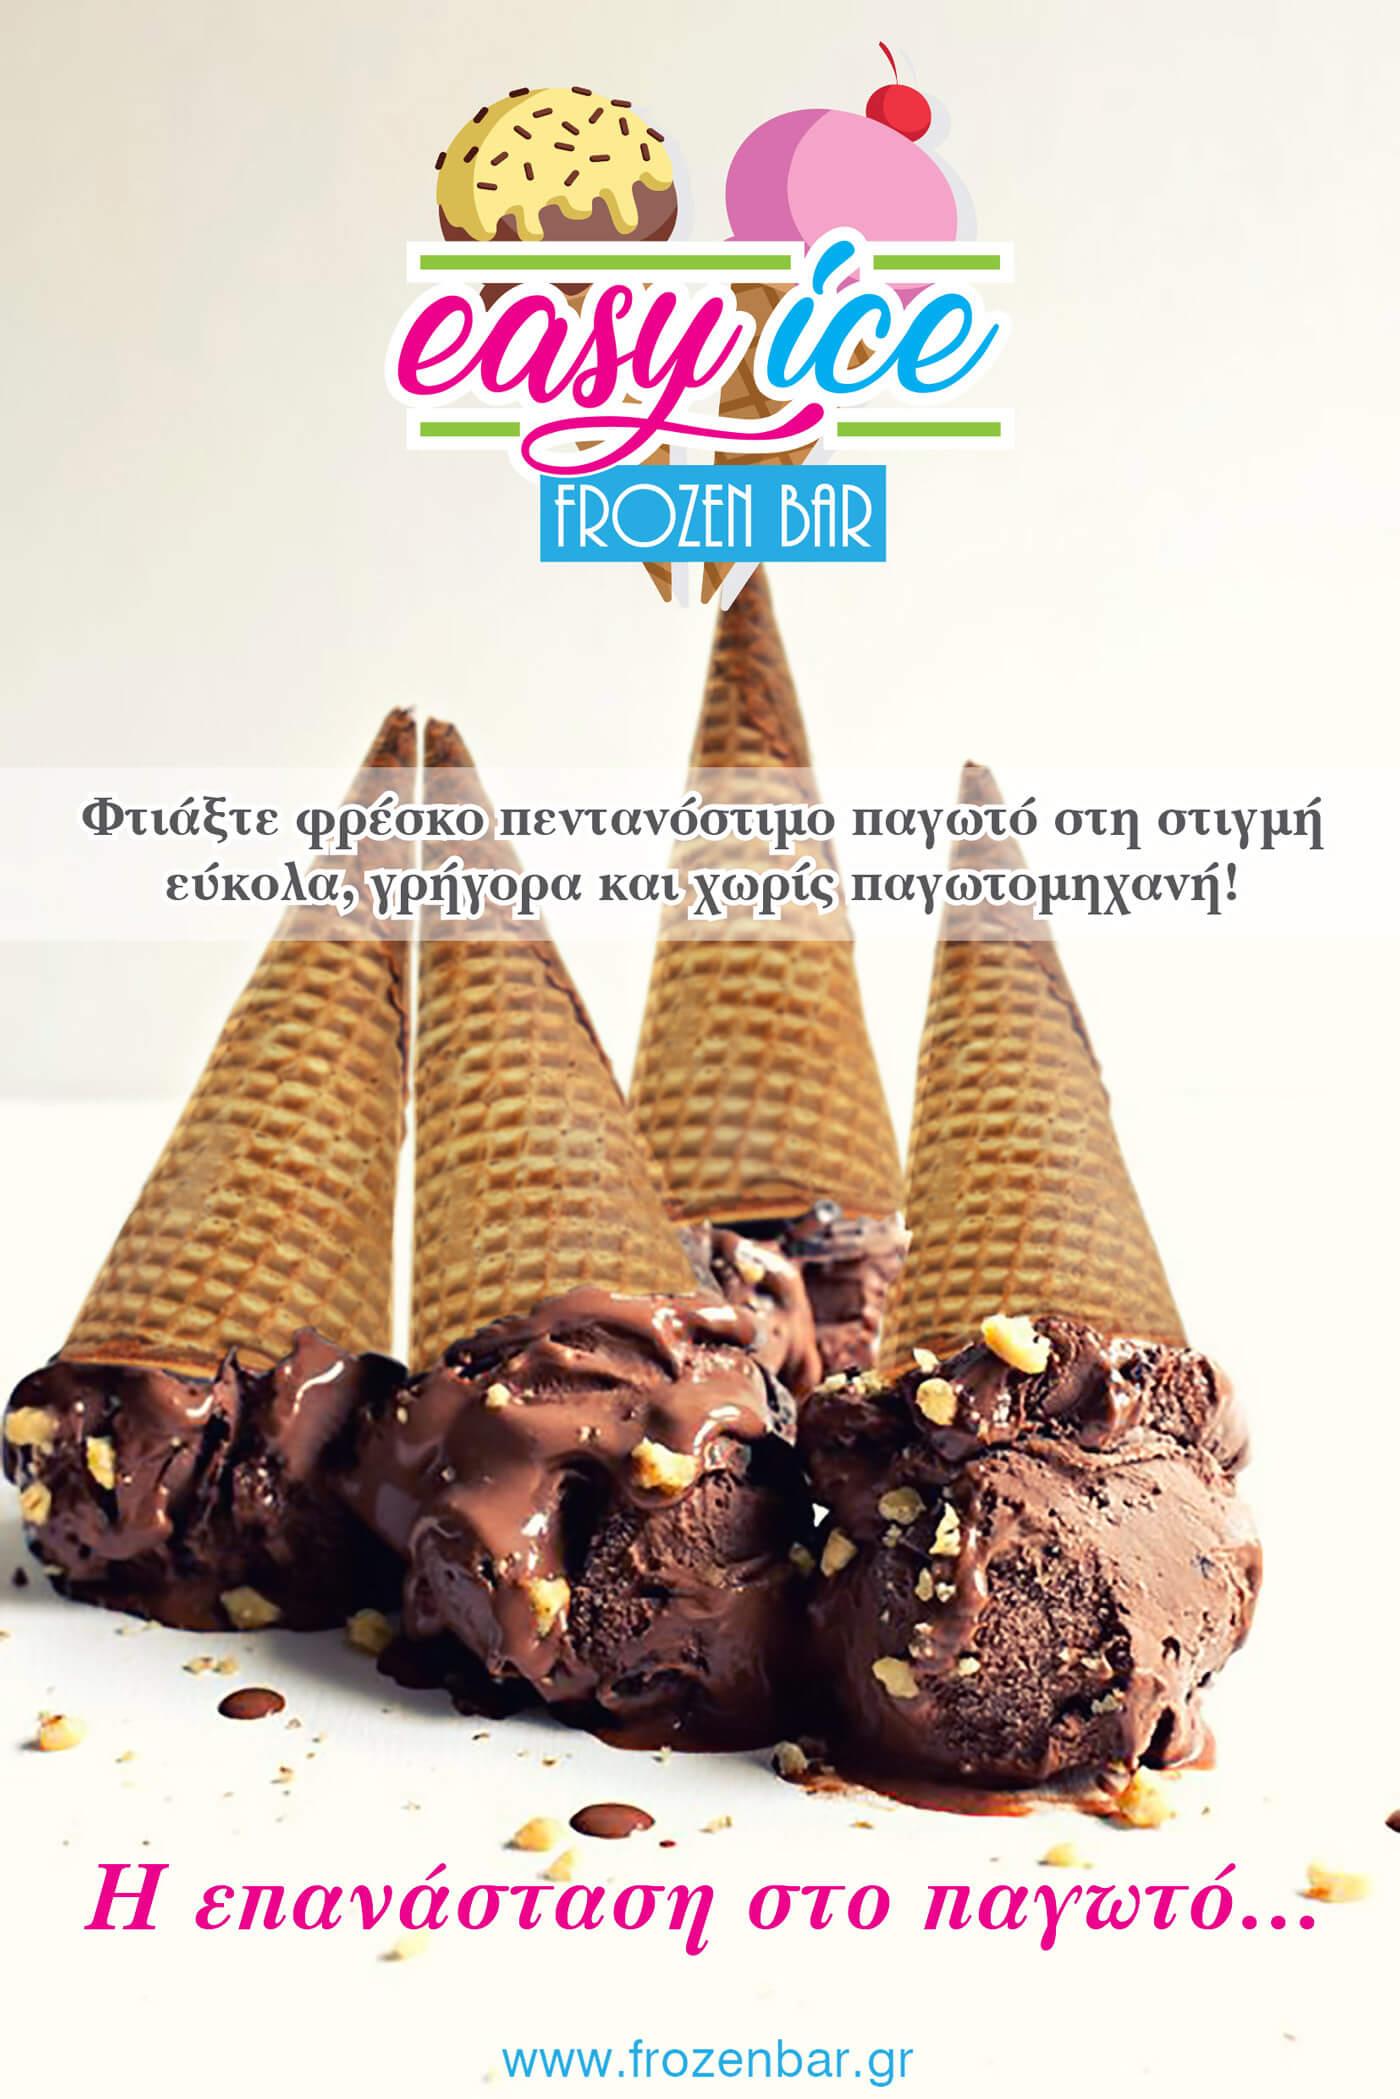 παγωτό χωρίς παγωτομηχανή